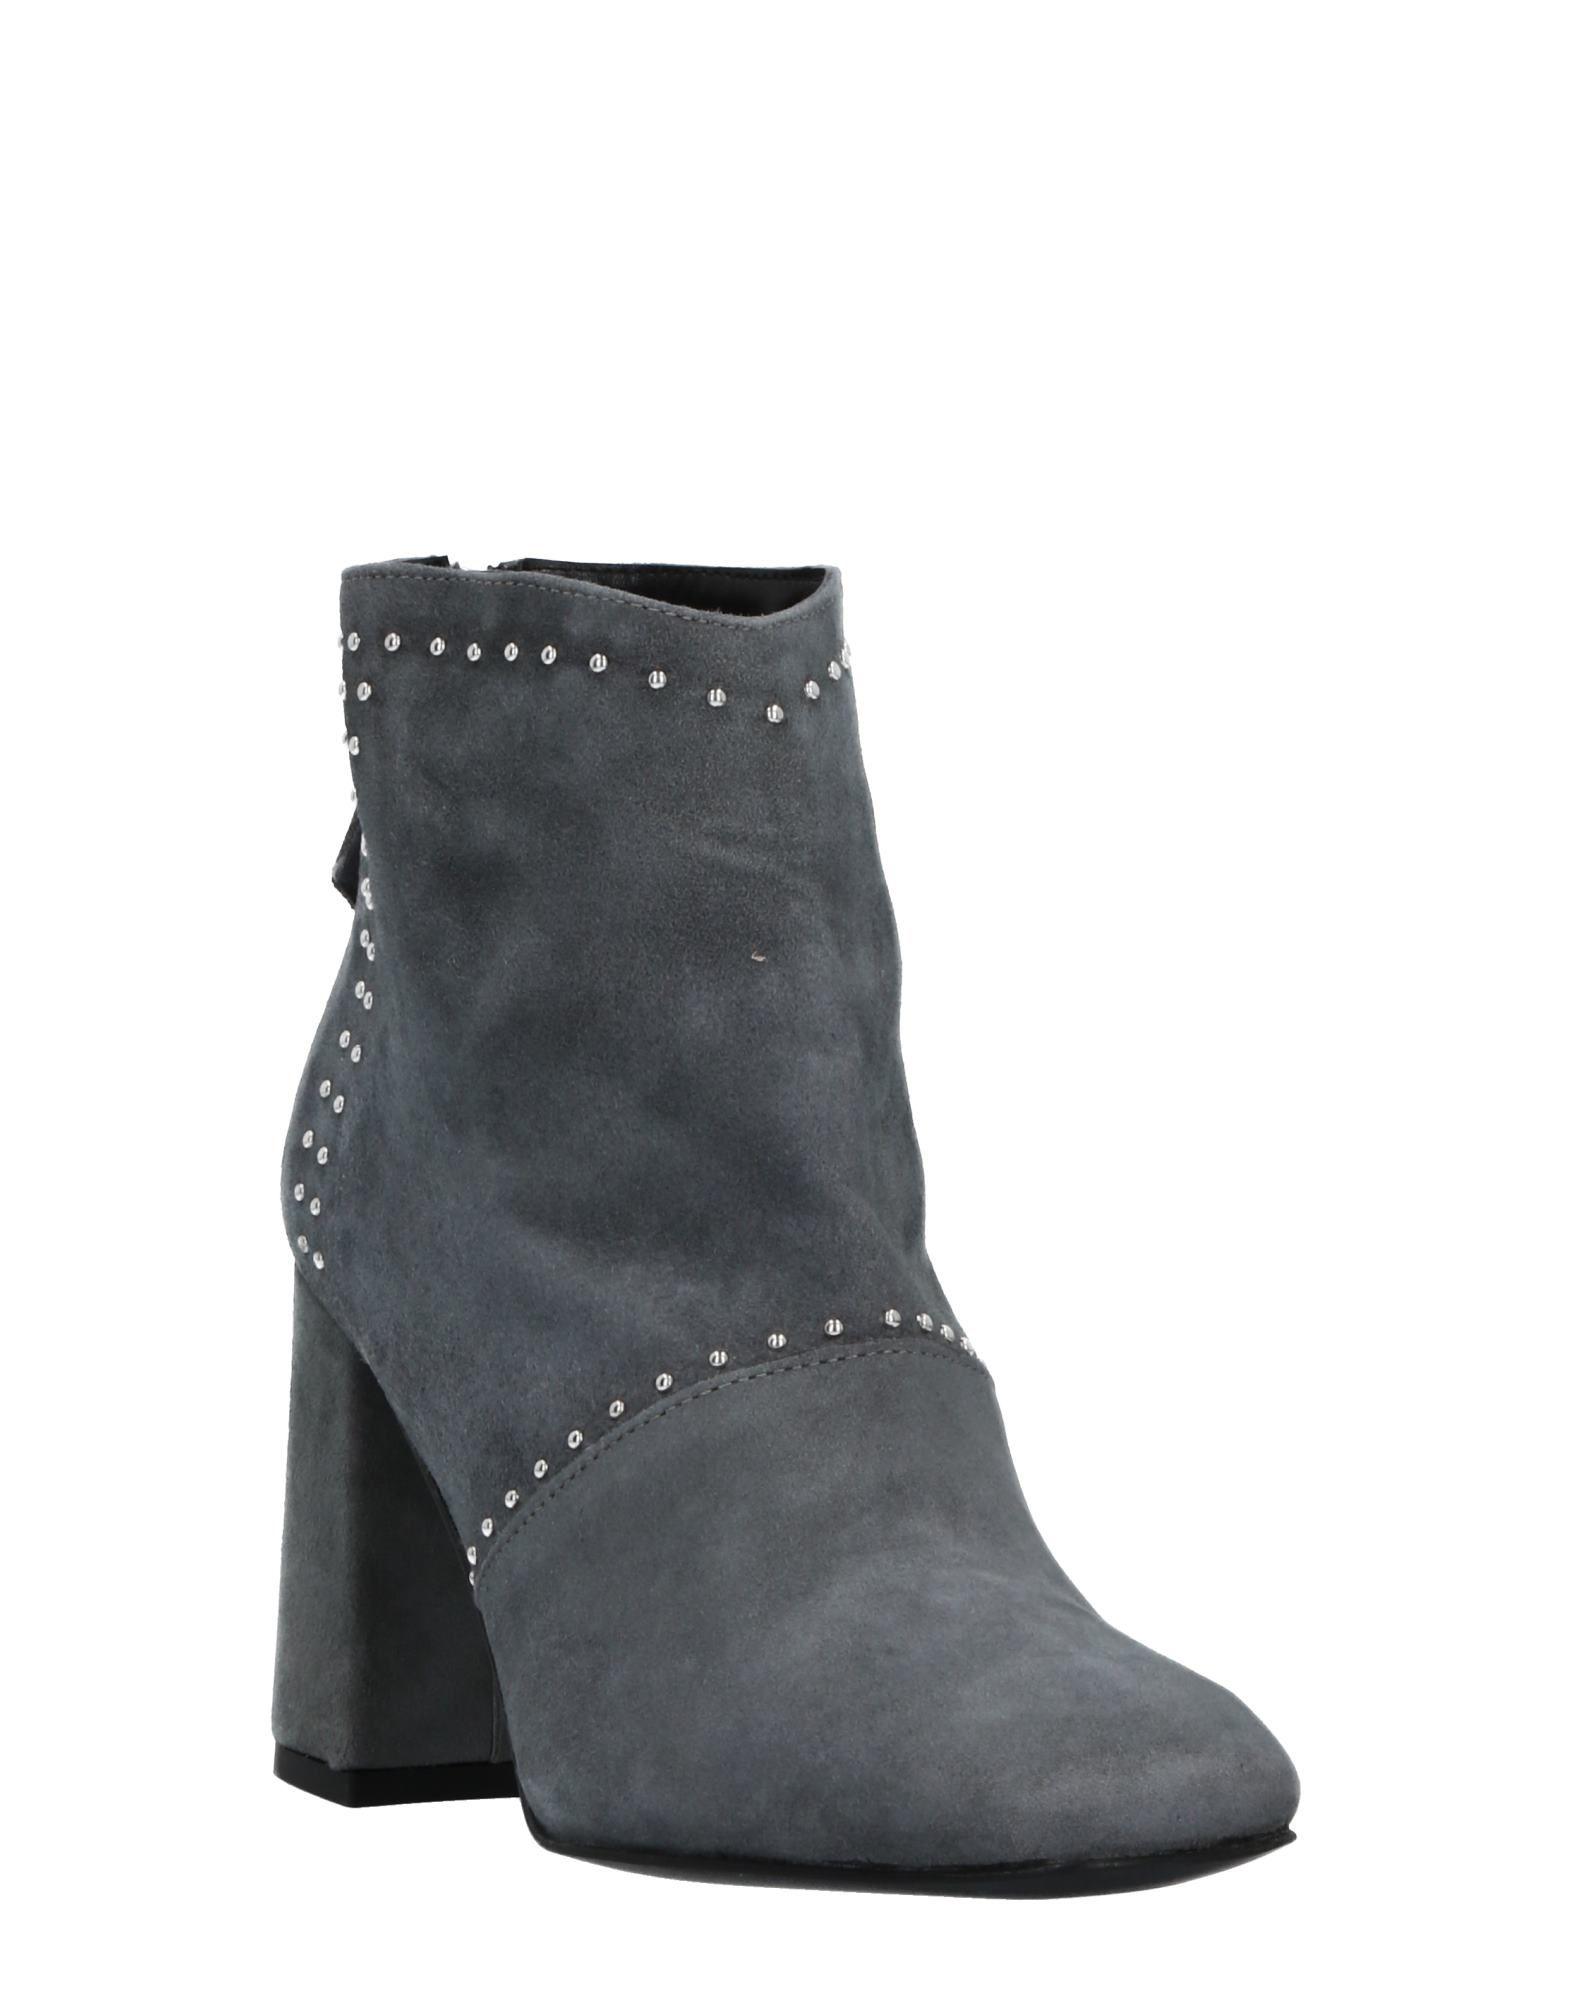 Gut um billige Damen Schuhe zu tragenPelledoca Stiefelette Damen billige  11515795LH 99dfb7